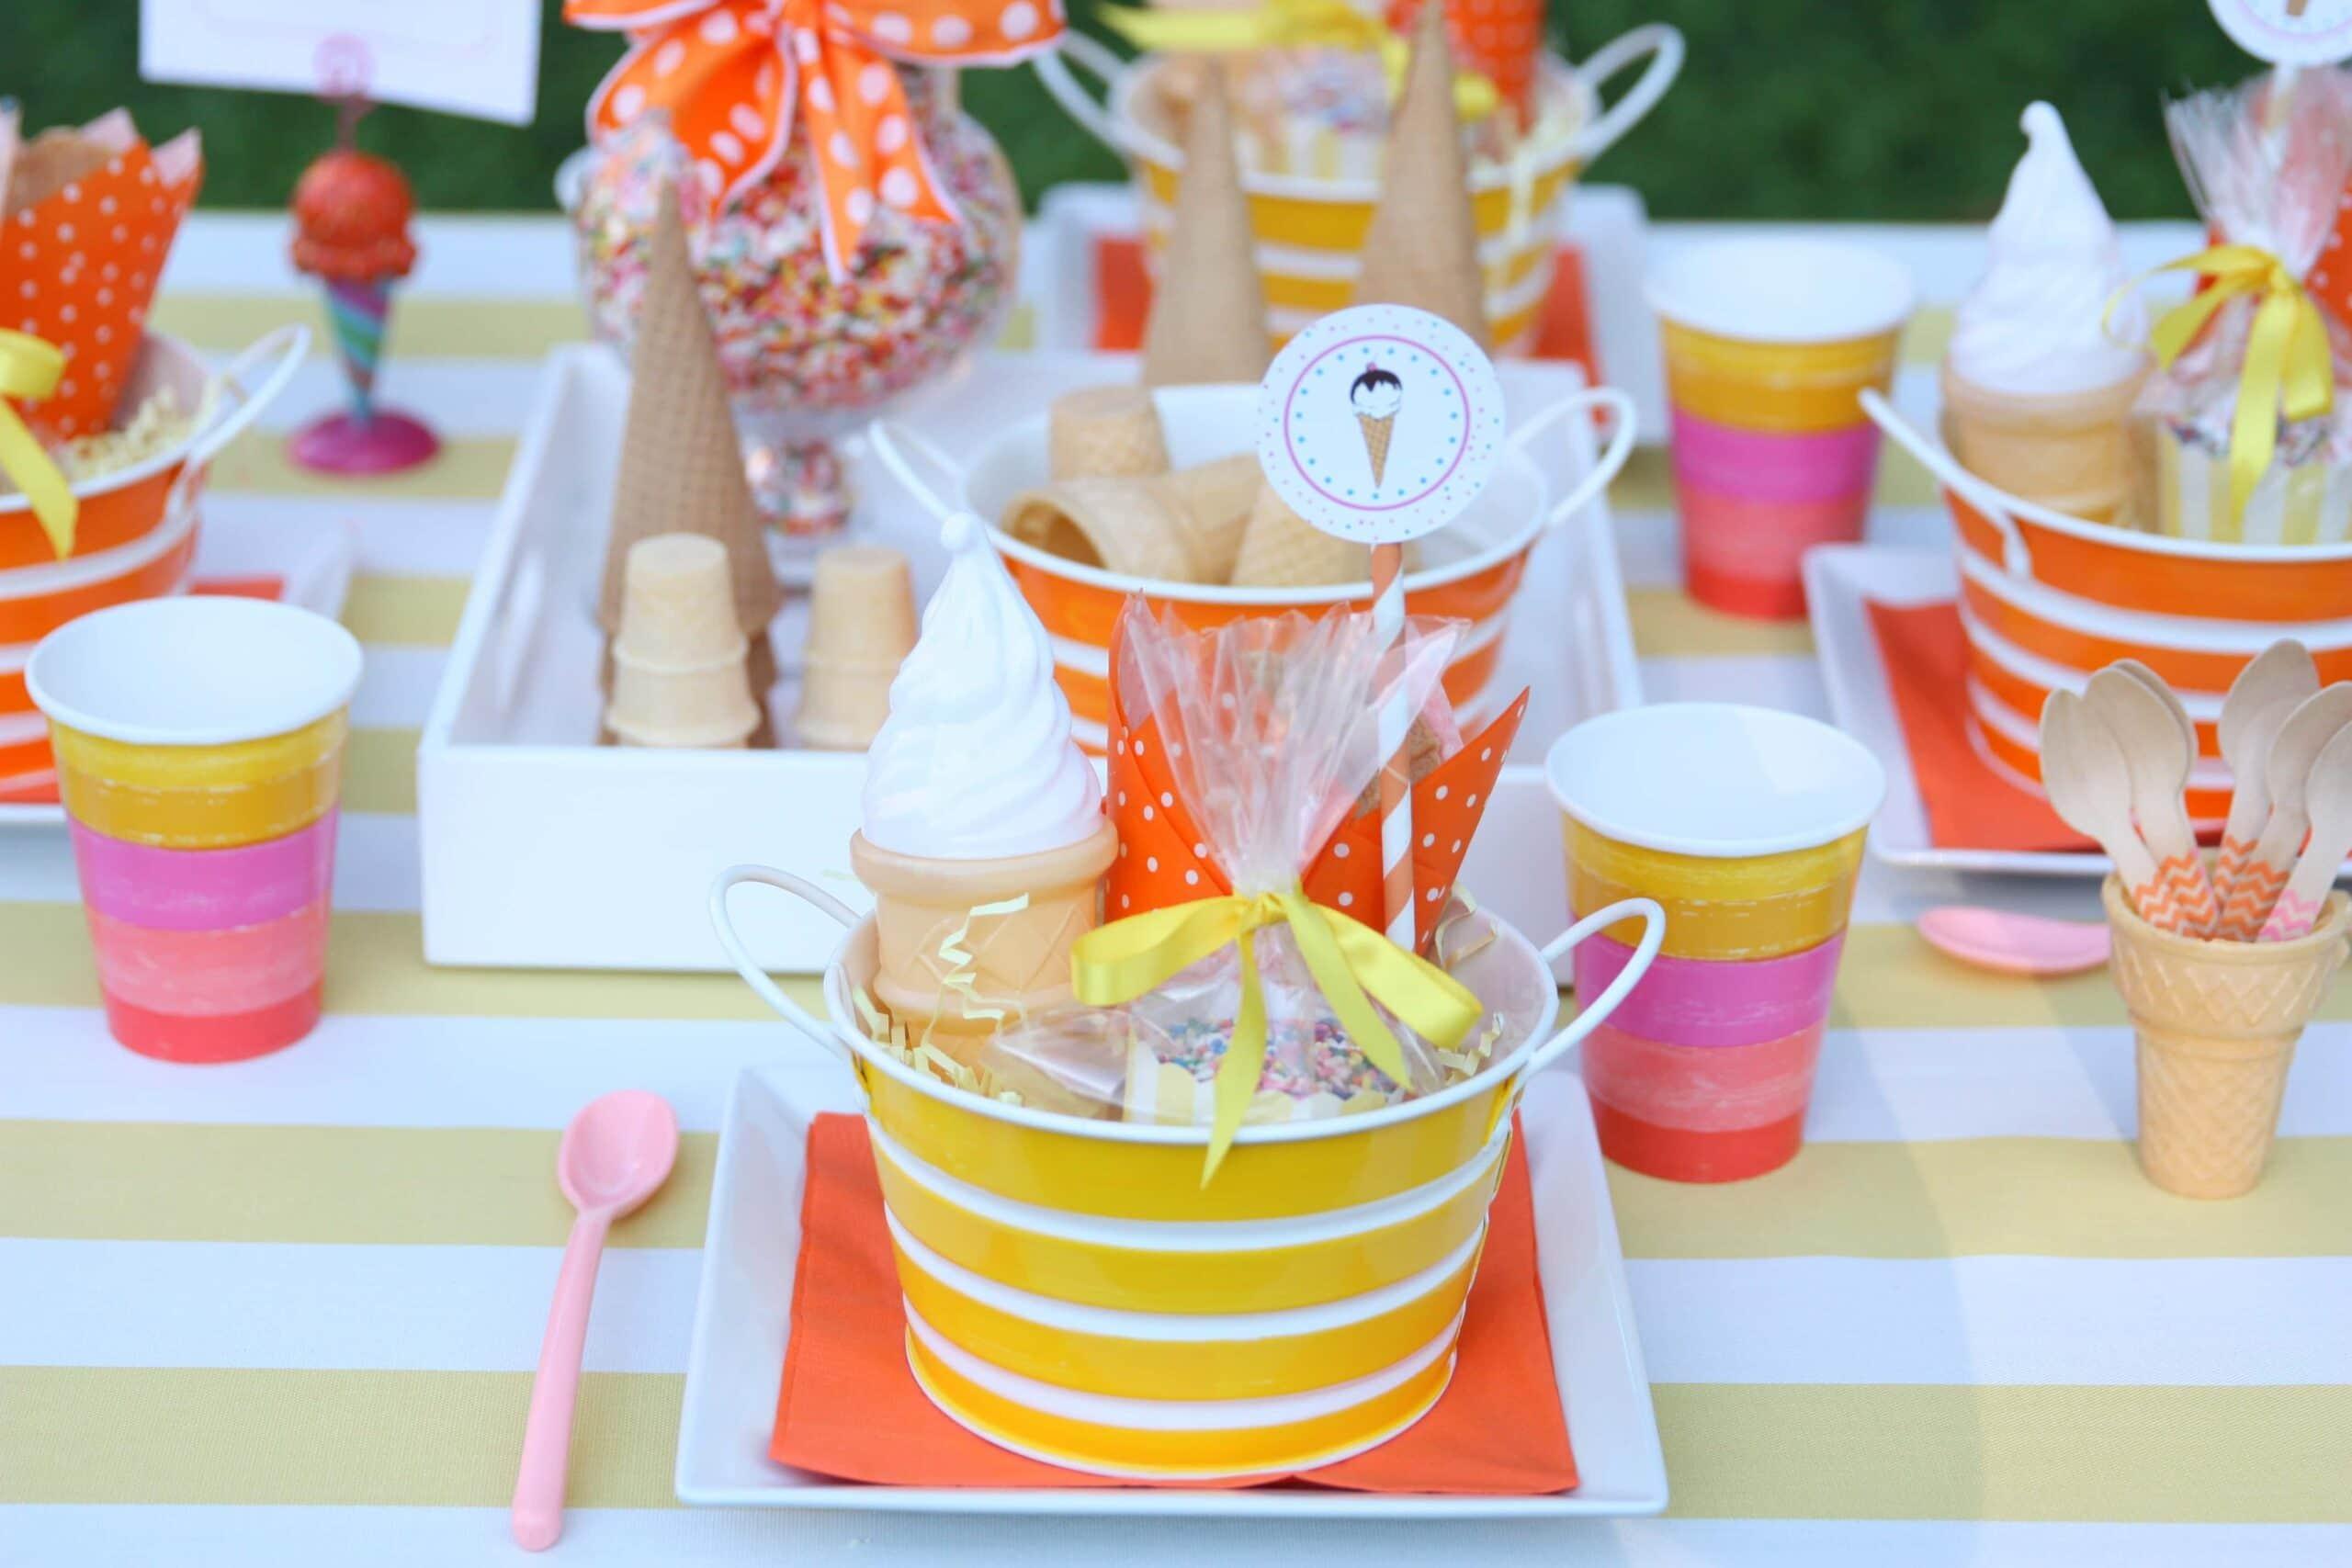 Host a Blue Bunny Ice Cream Social Party!